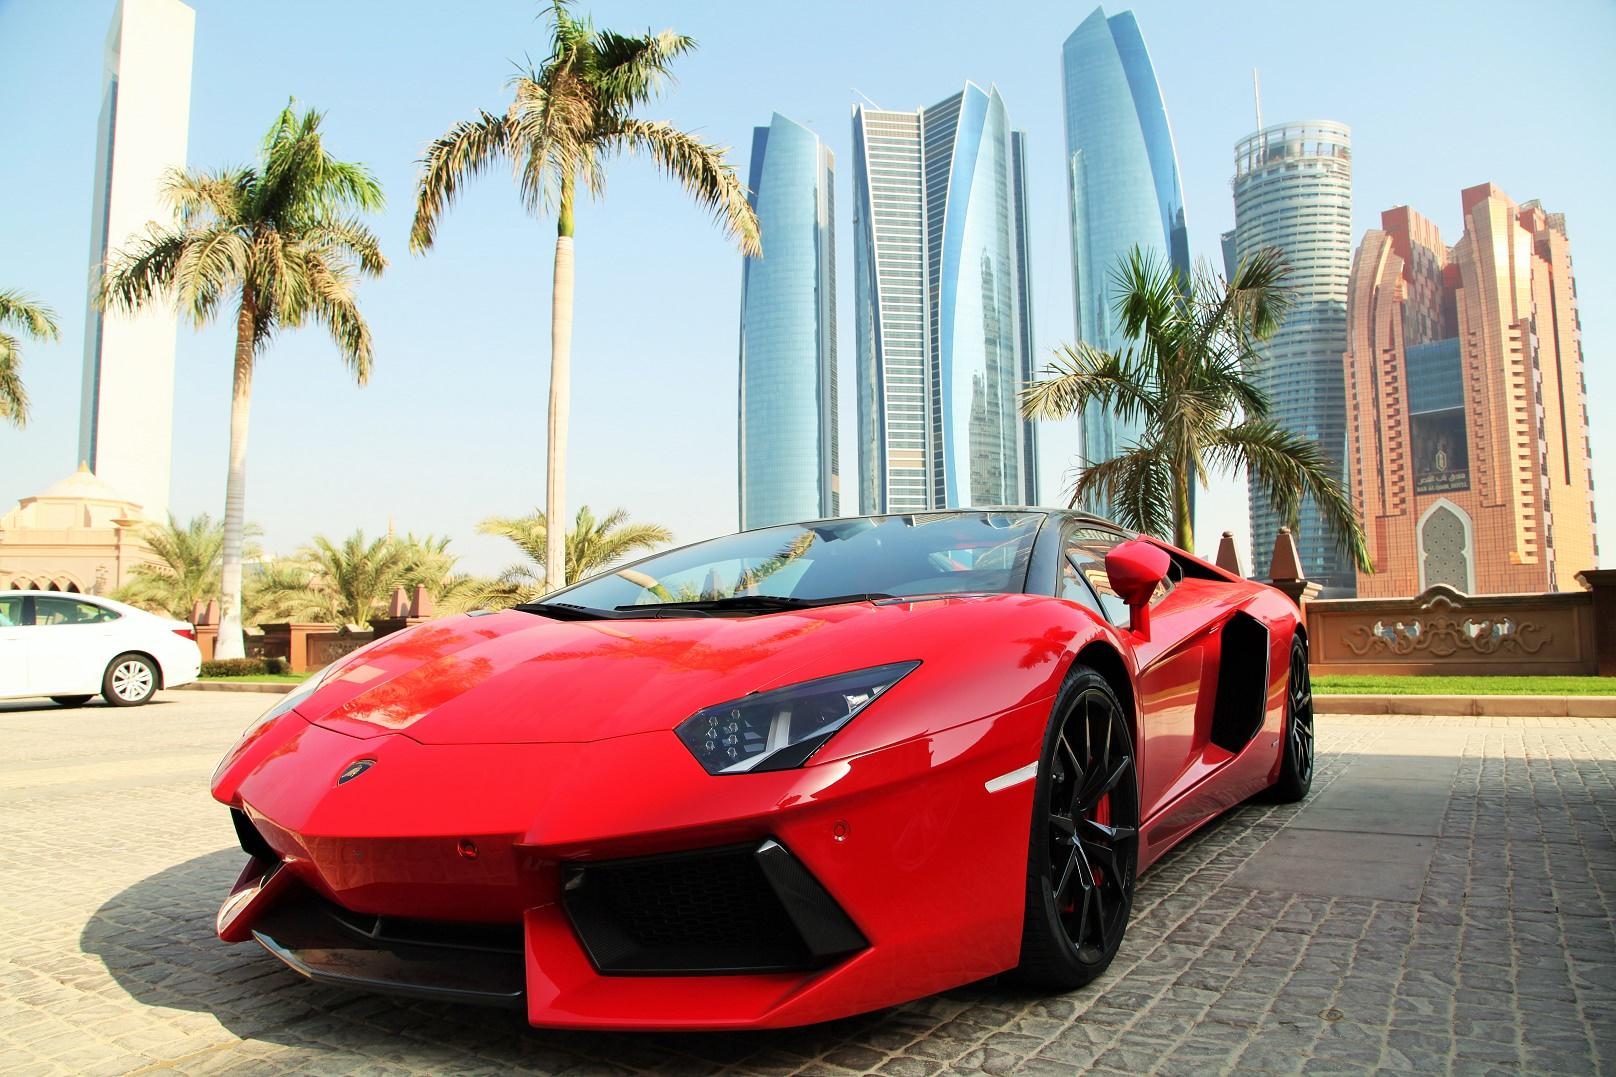 Dicas de Abu Dhabi Emirados Arabes